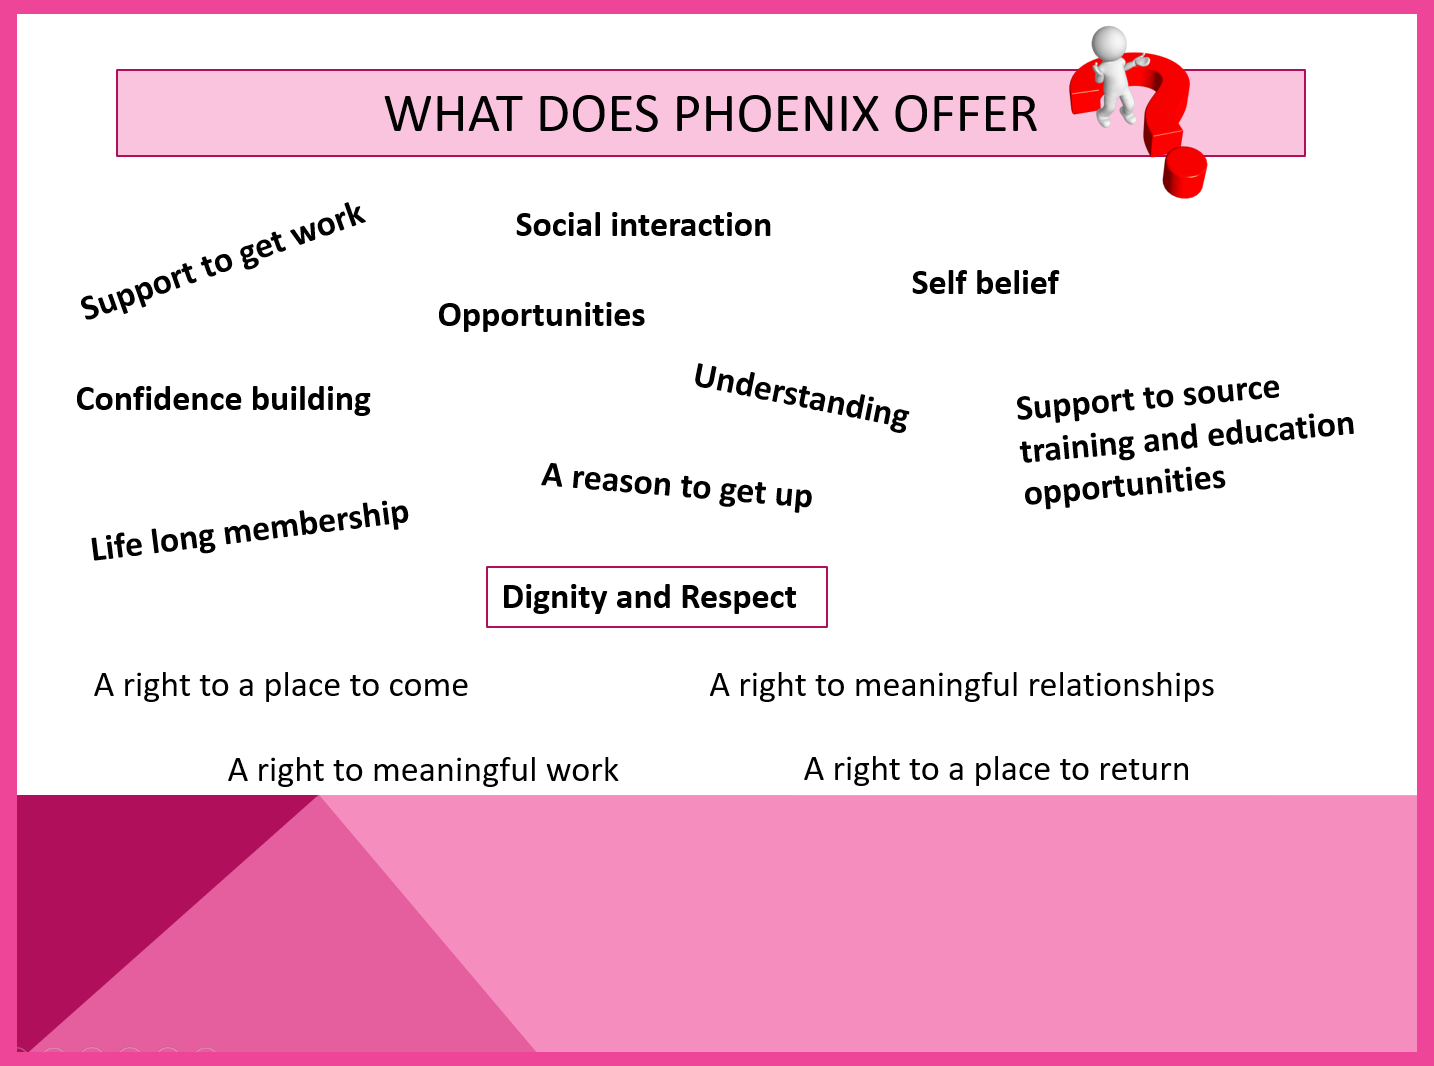 Phoenix Image 3_1